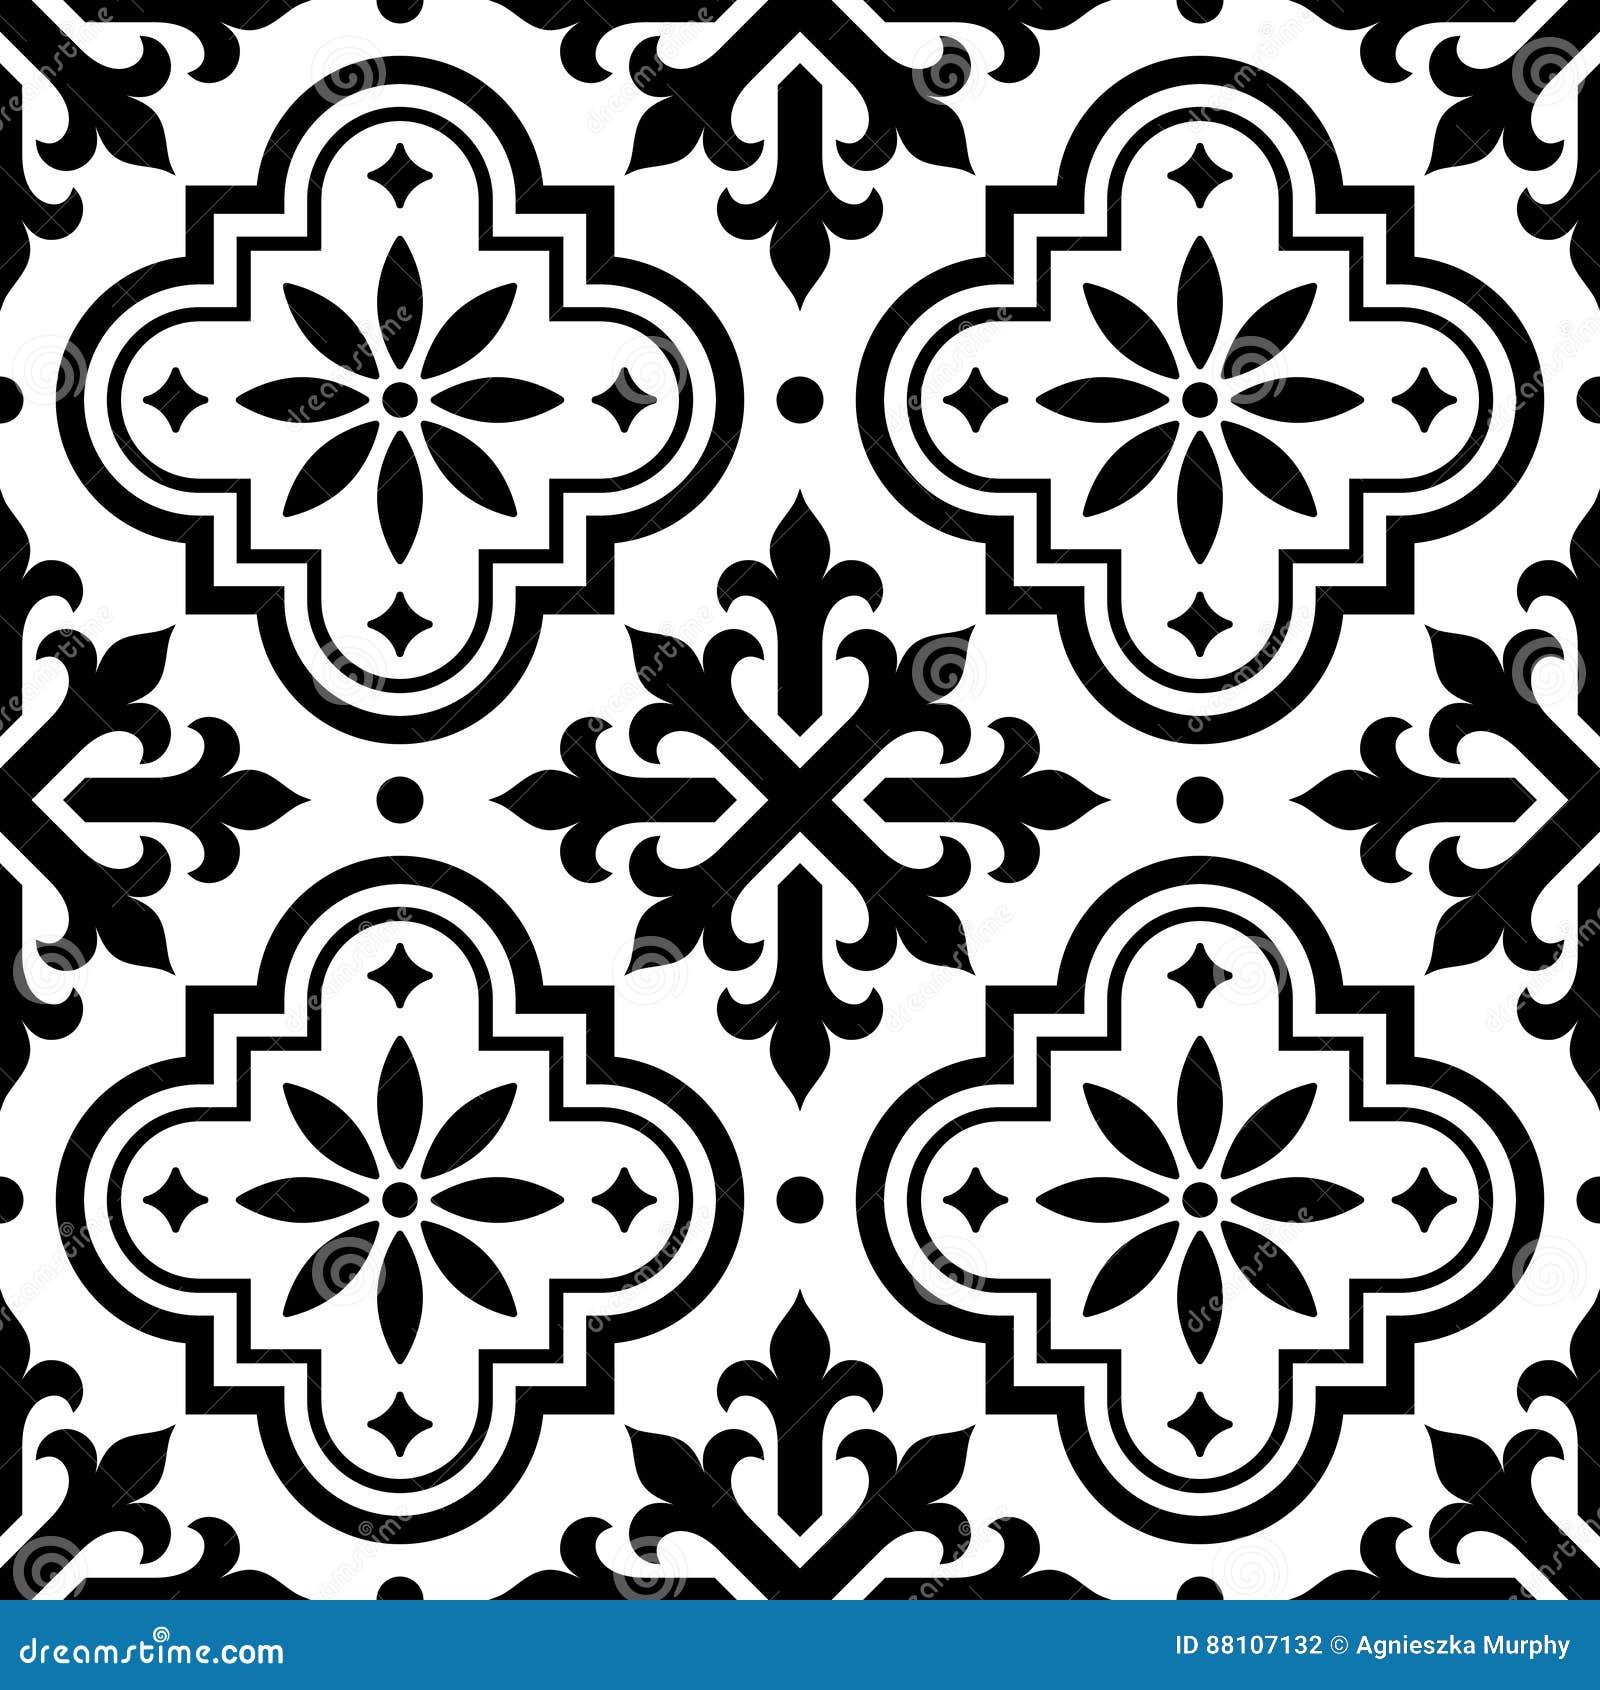 Download Spanisches Fliesenmuster, Marokkanische Fliesen Entwerfen,  Nahtloser Schwarzweiss Hintergrund   Azulejo Stock Abbildung